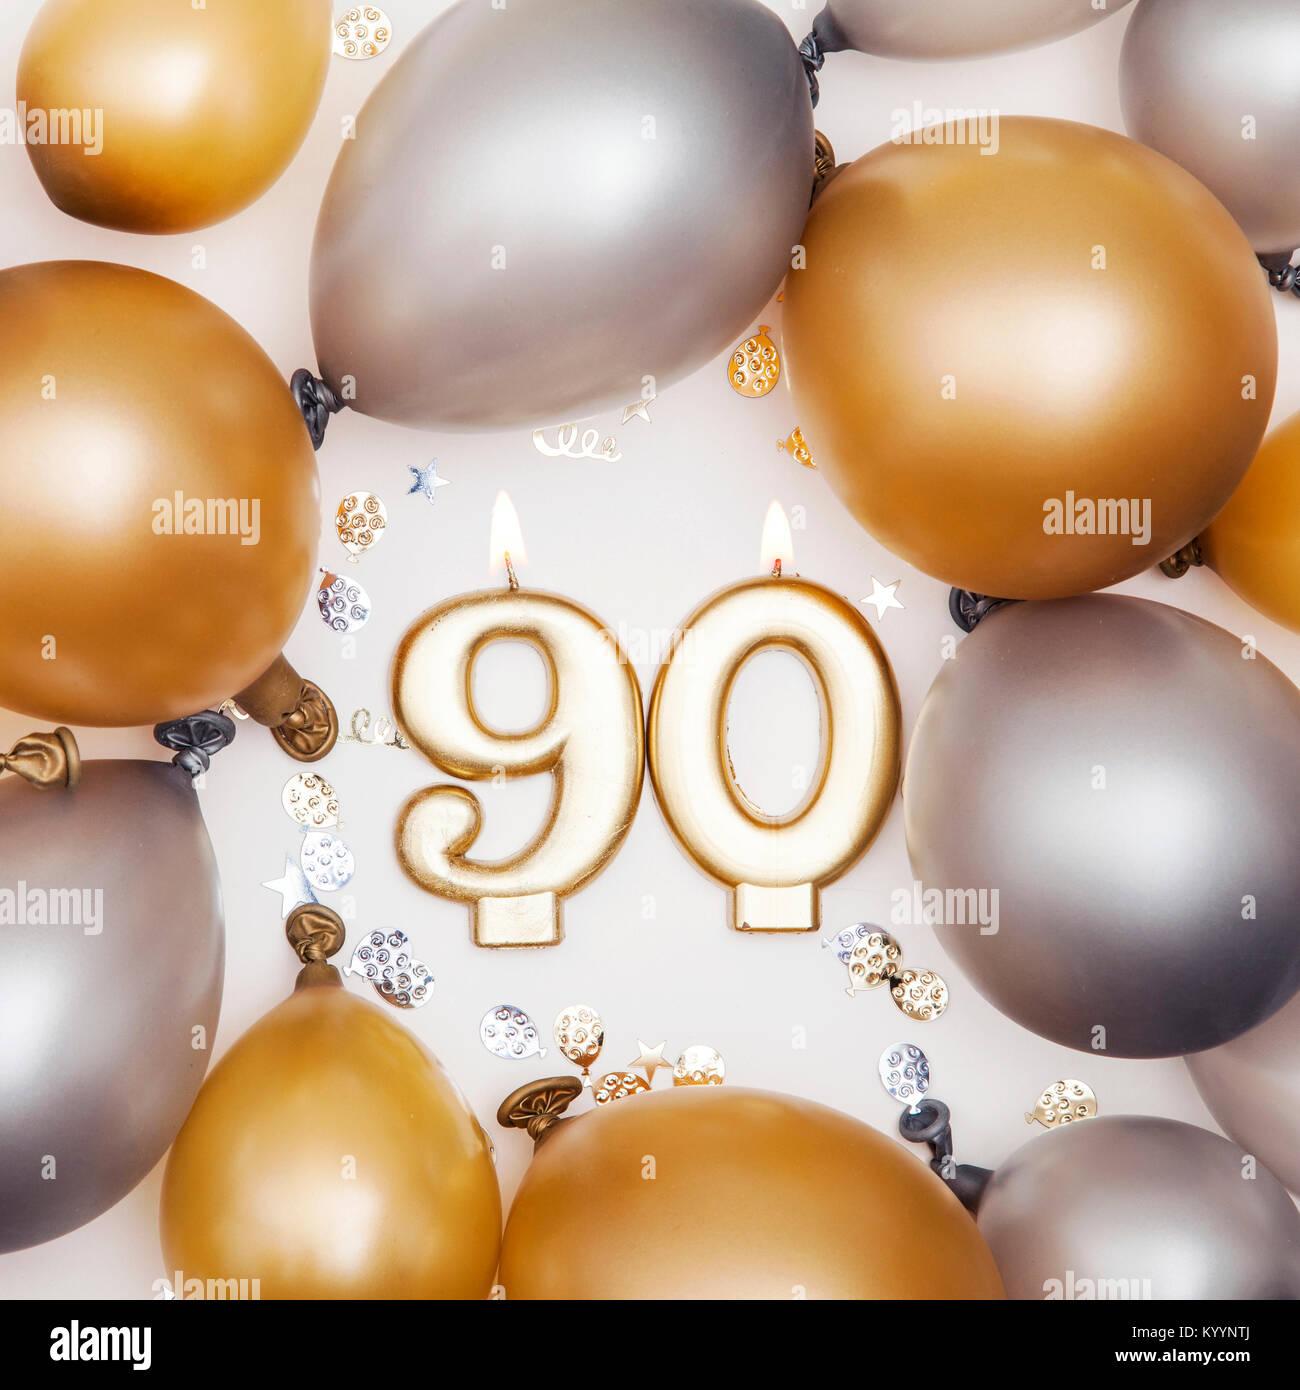 Celebración Del Cumpleaños Número 90 De La Vela Con Globos